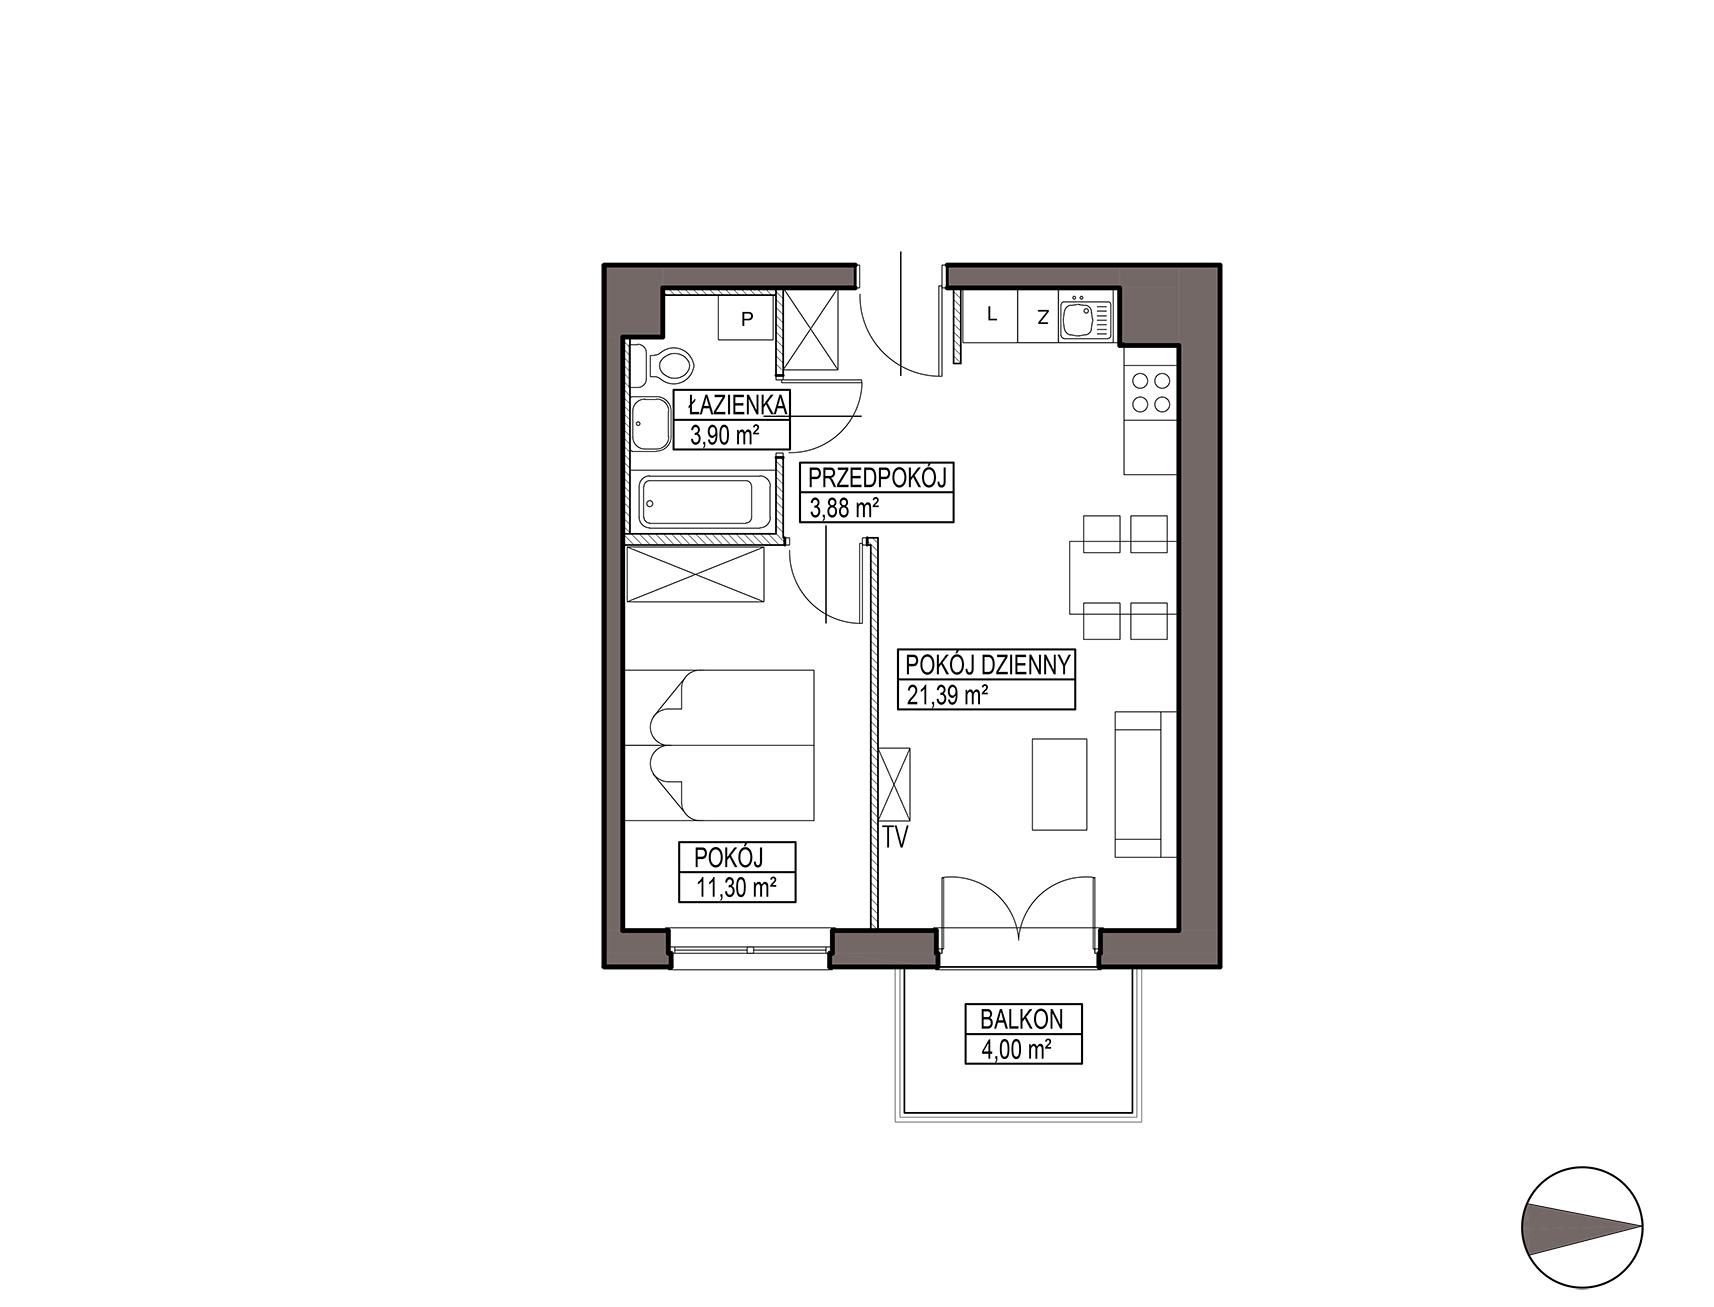 Uroczysko III / budynek 5 / mieszkanie G/1/16 rzut 1